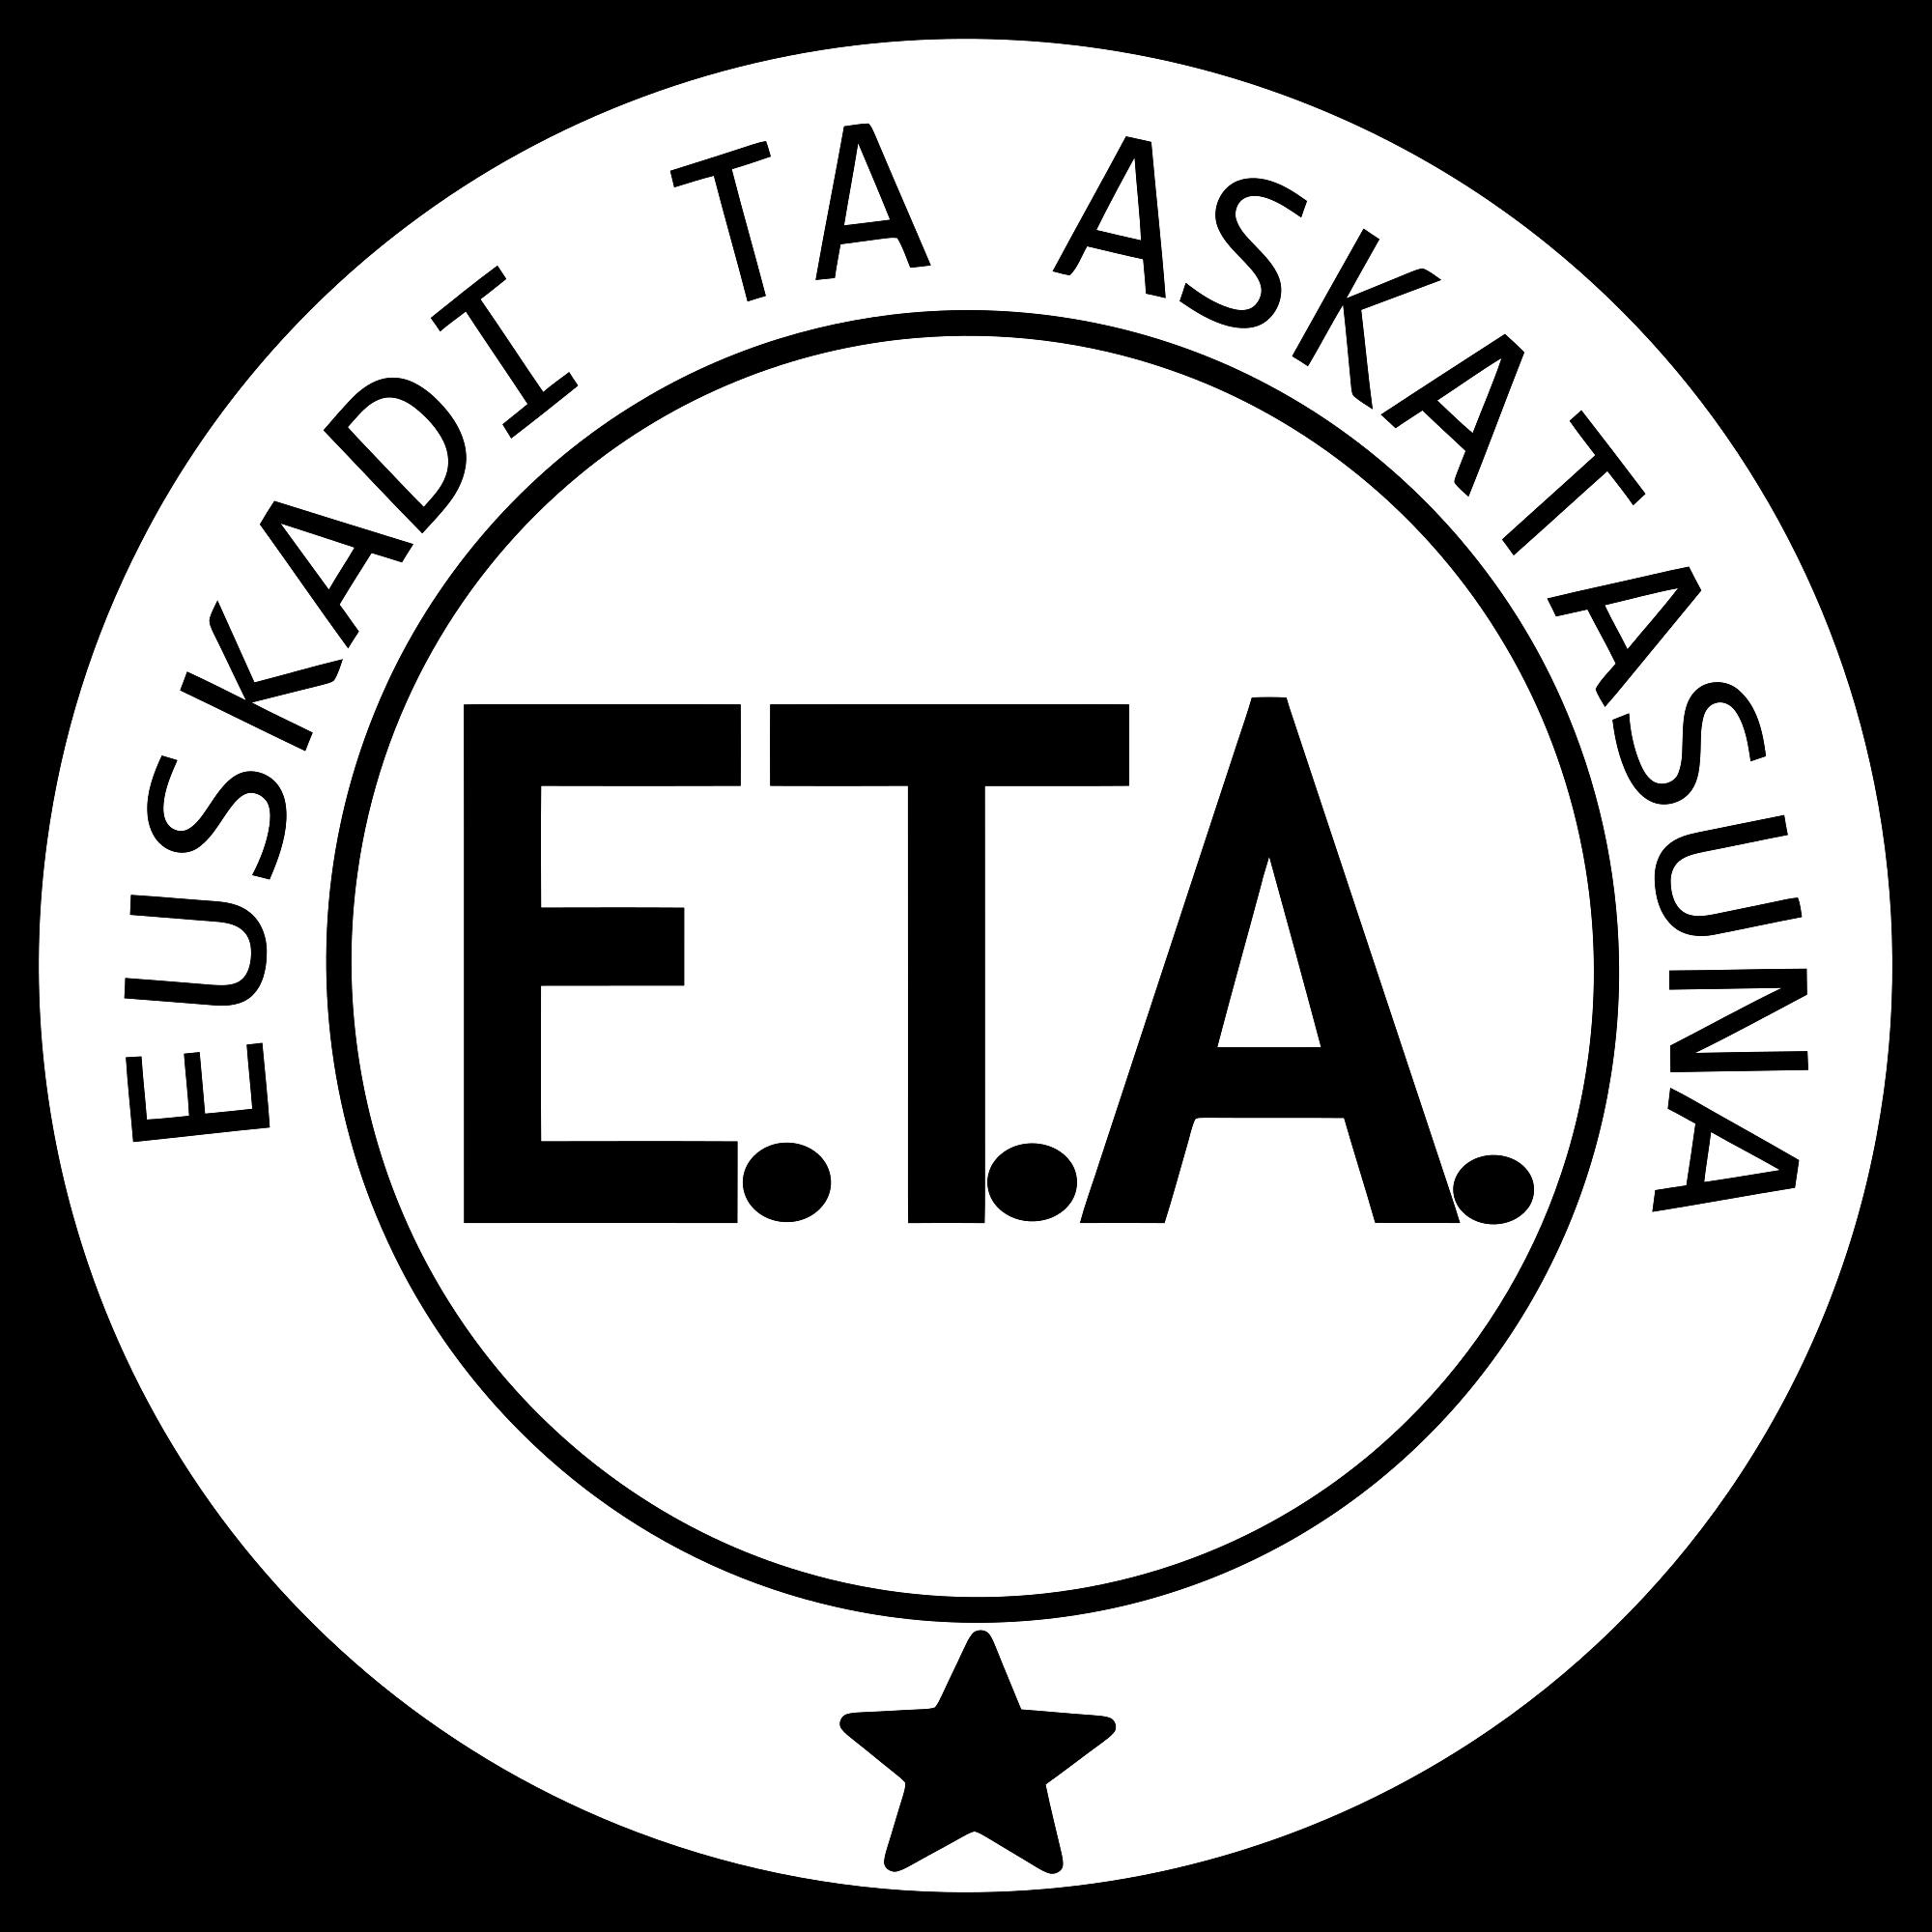 バスク祖国と自由's relation image